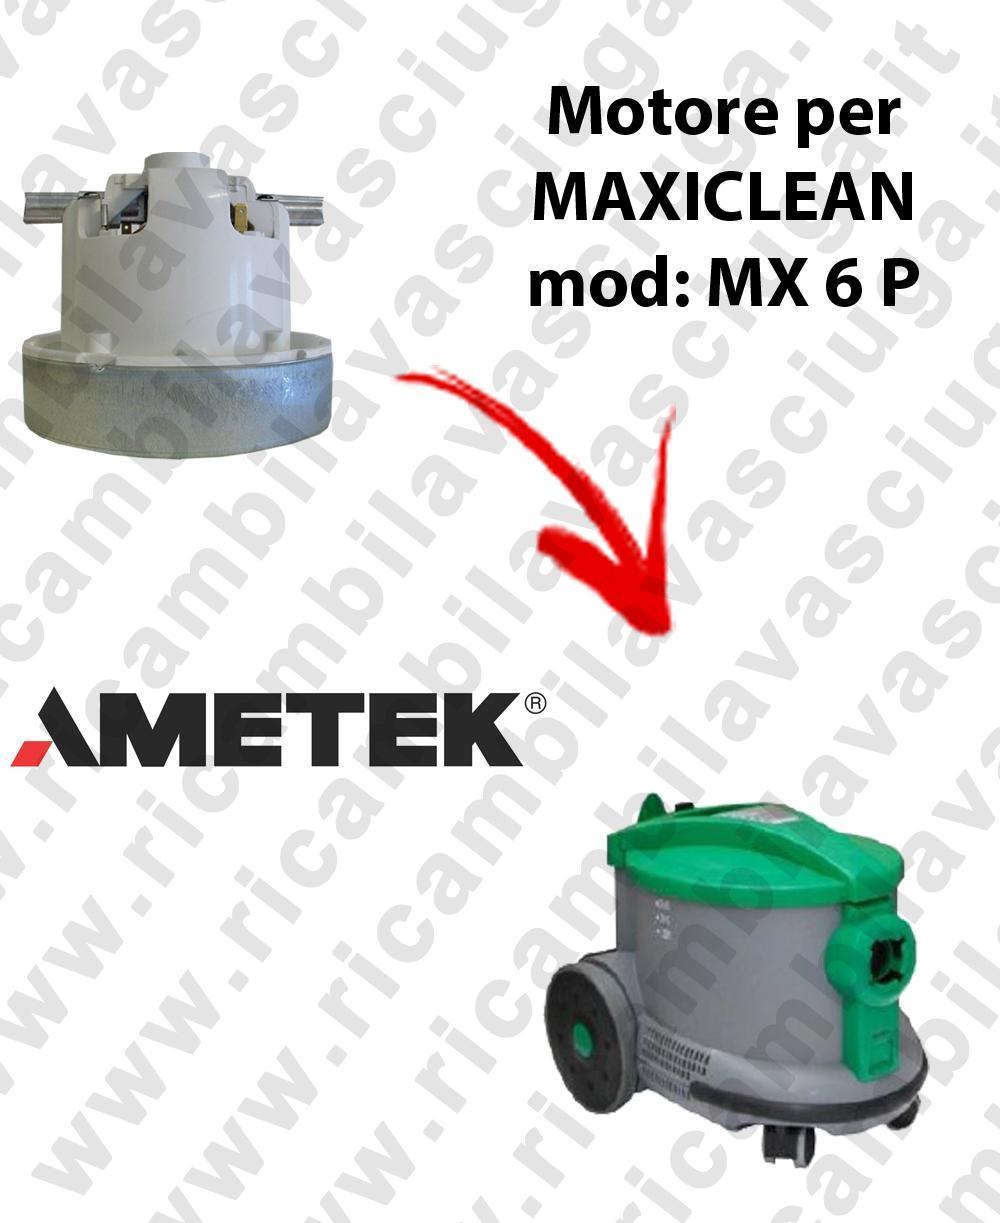 MX 6 P AMETEK Vacuum motor for vacuum cleaner MAXICLEAN